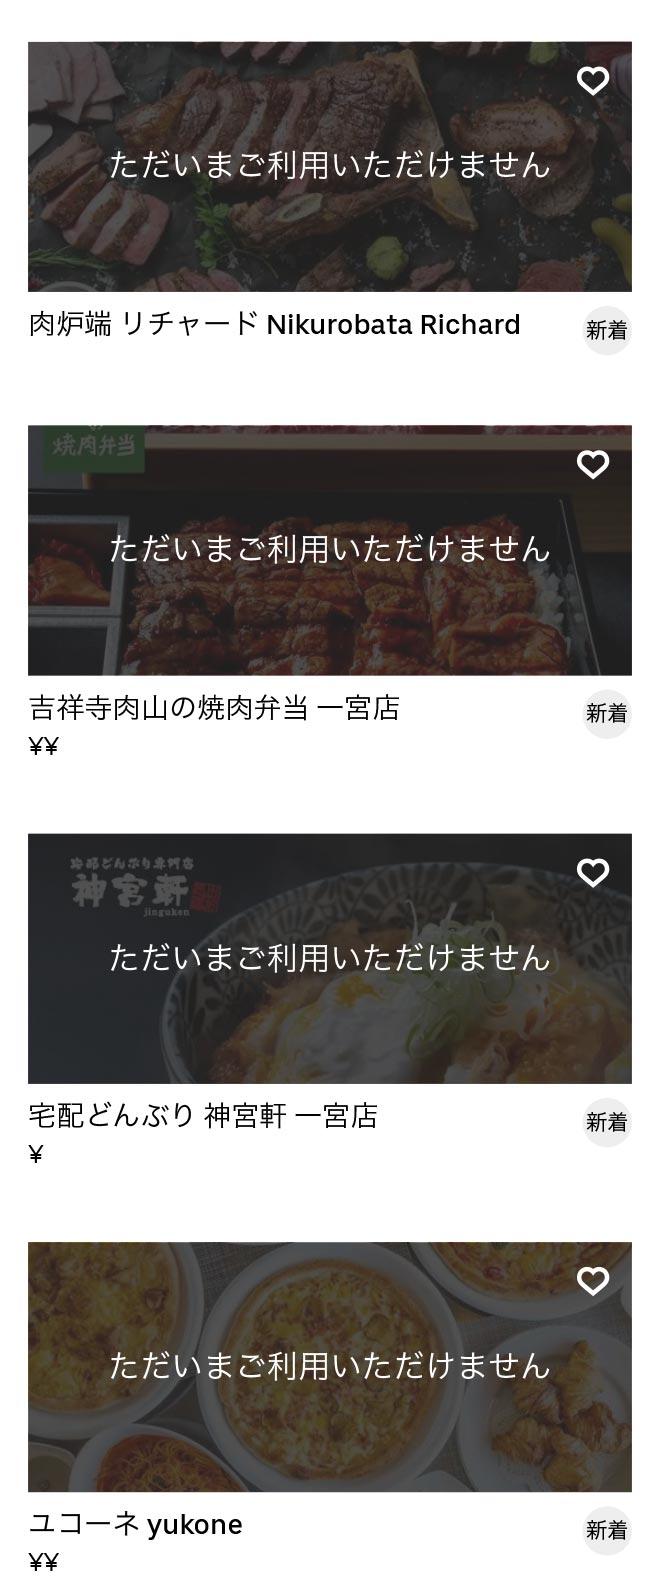 Ichinomiya menu 2010 10